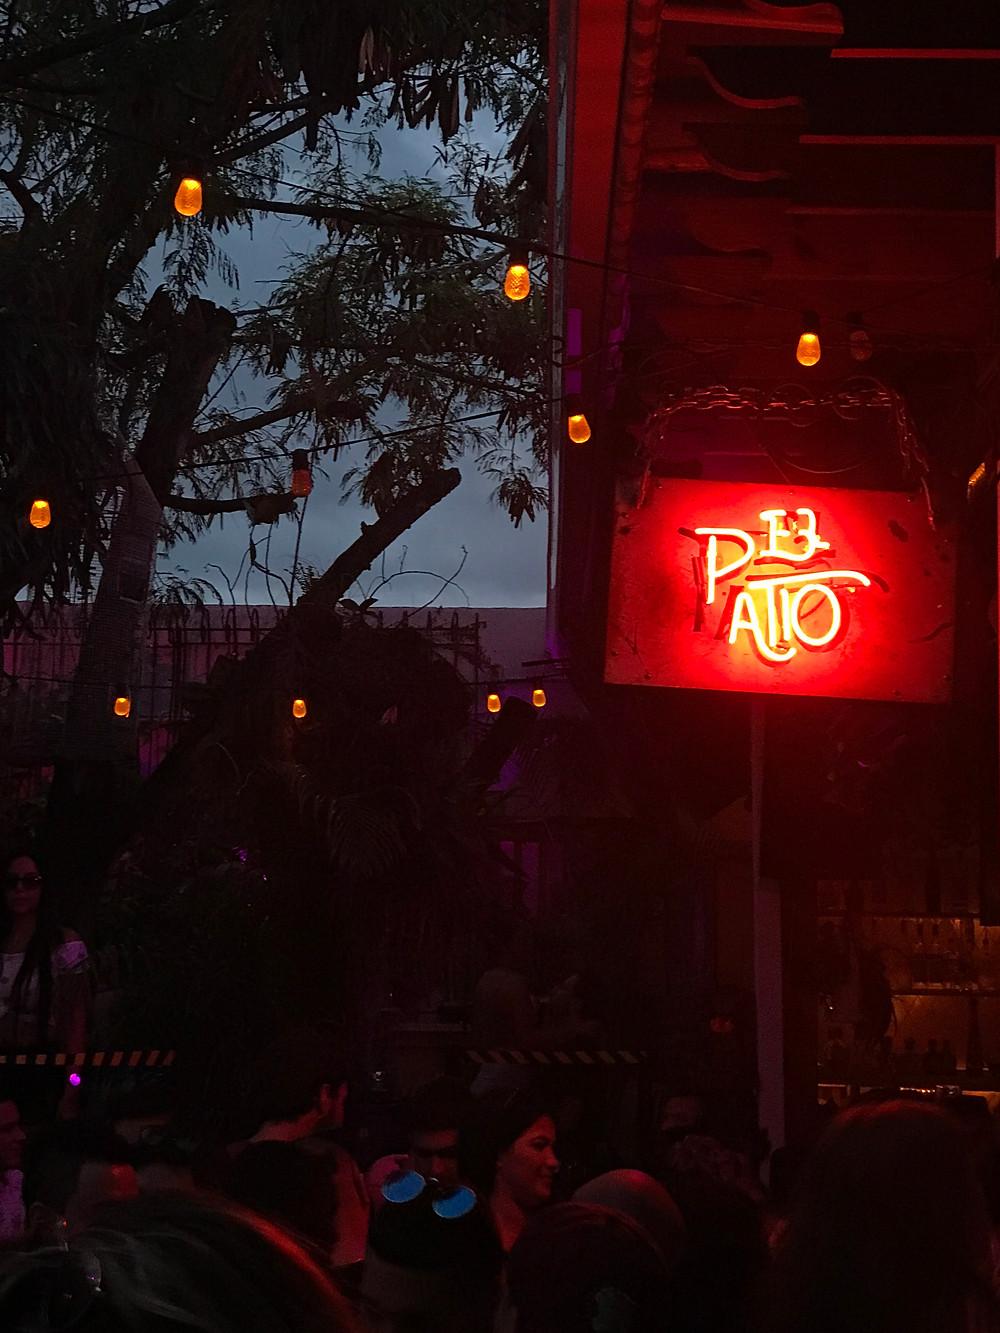 El Patio, Wynwood sign